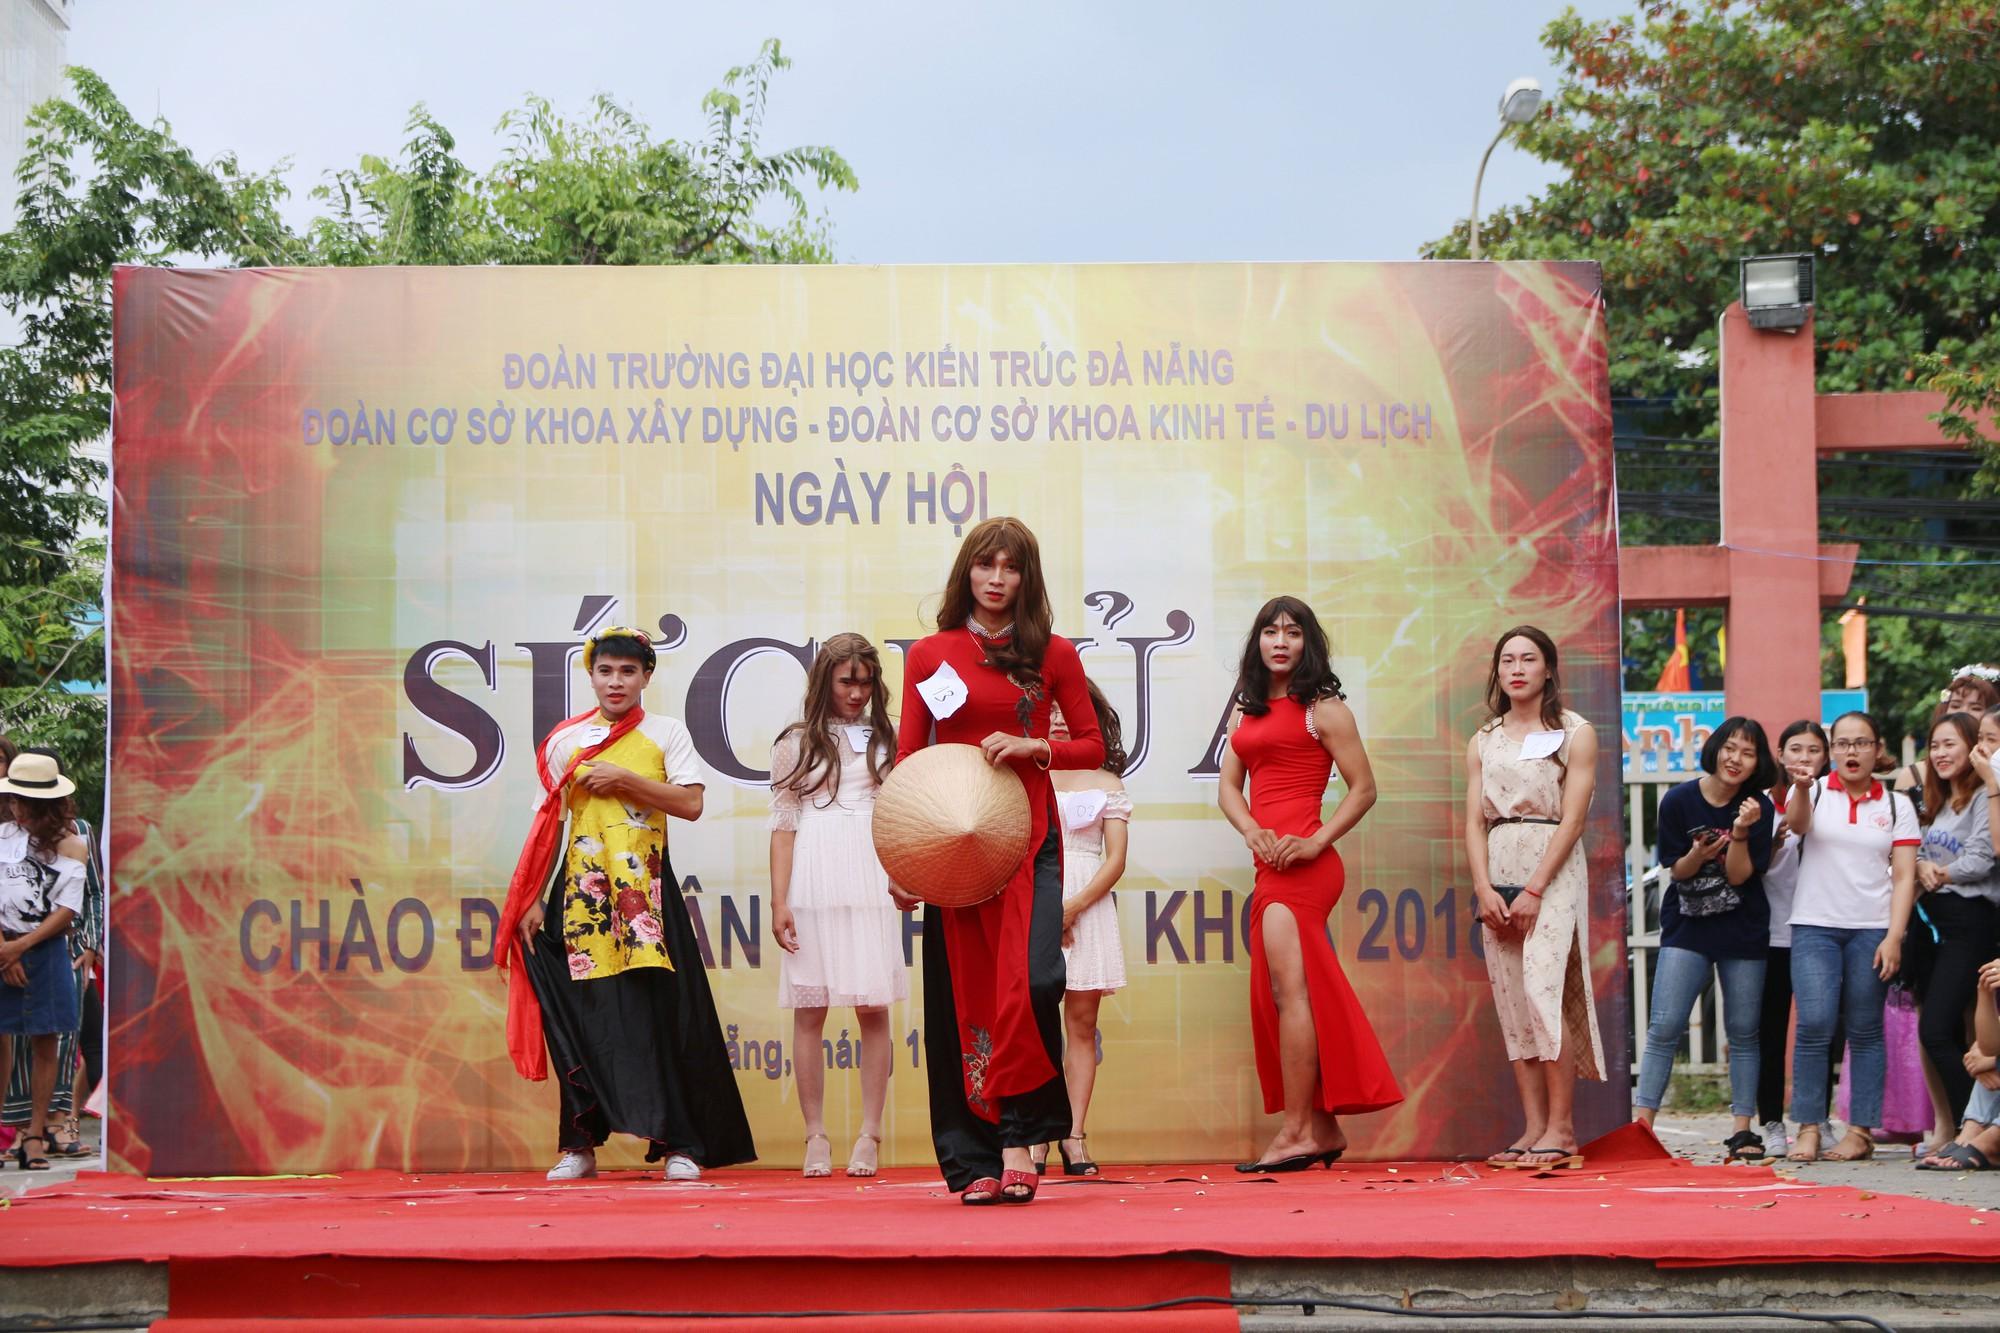 Cuộc thi Miss nam sinh khiến các cô gái thi nhau than trời xấu hổ vì nhan sắc của mình còn thua xa các bạn nam giả gái! - Ảnh 2.